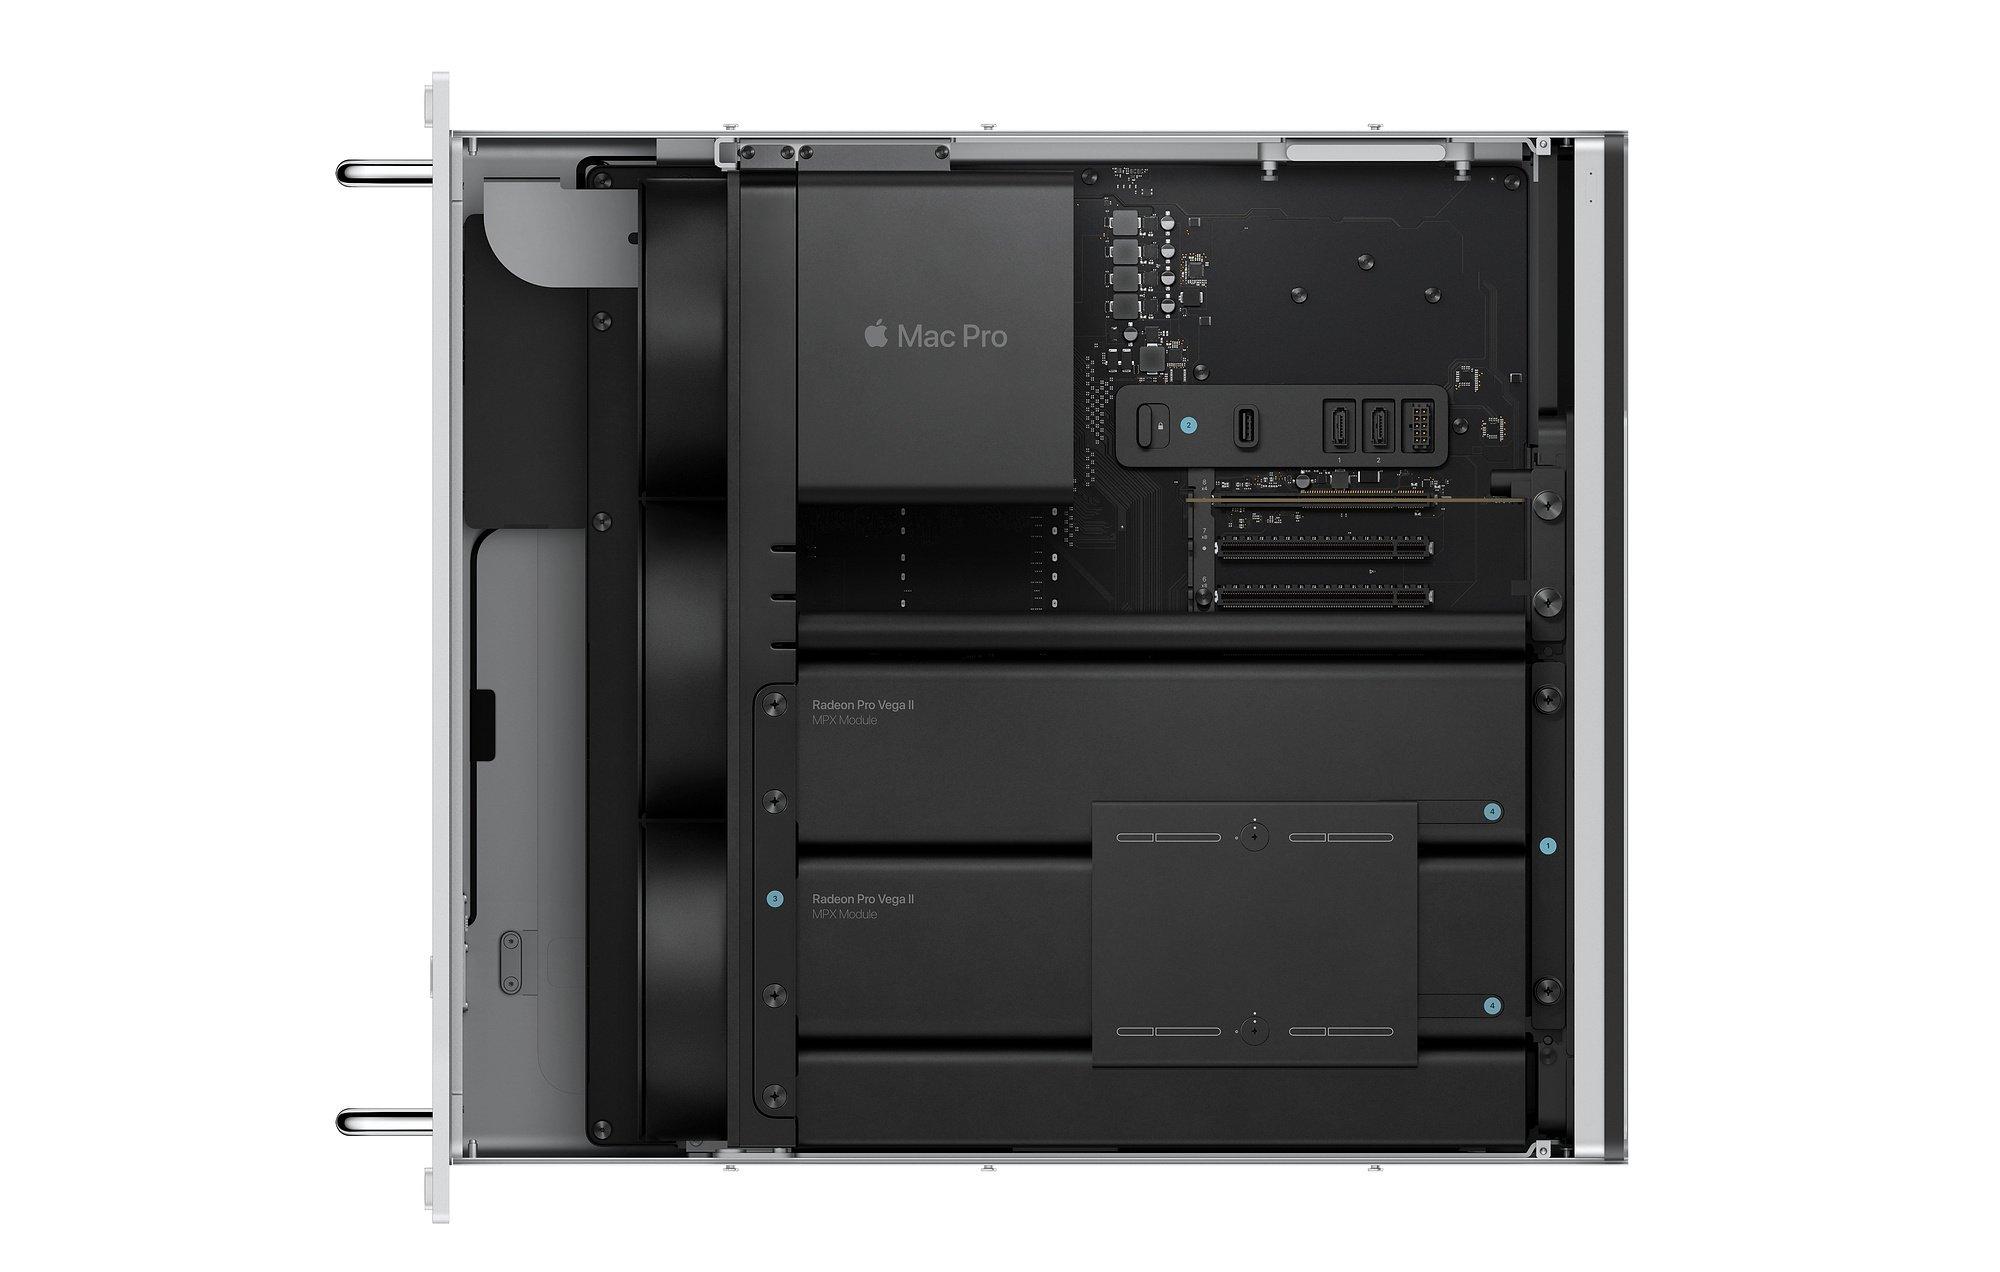 Mac Pro 2019 format rack, vue de l'intérieur